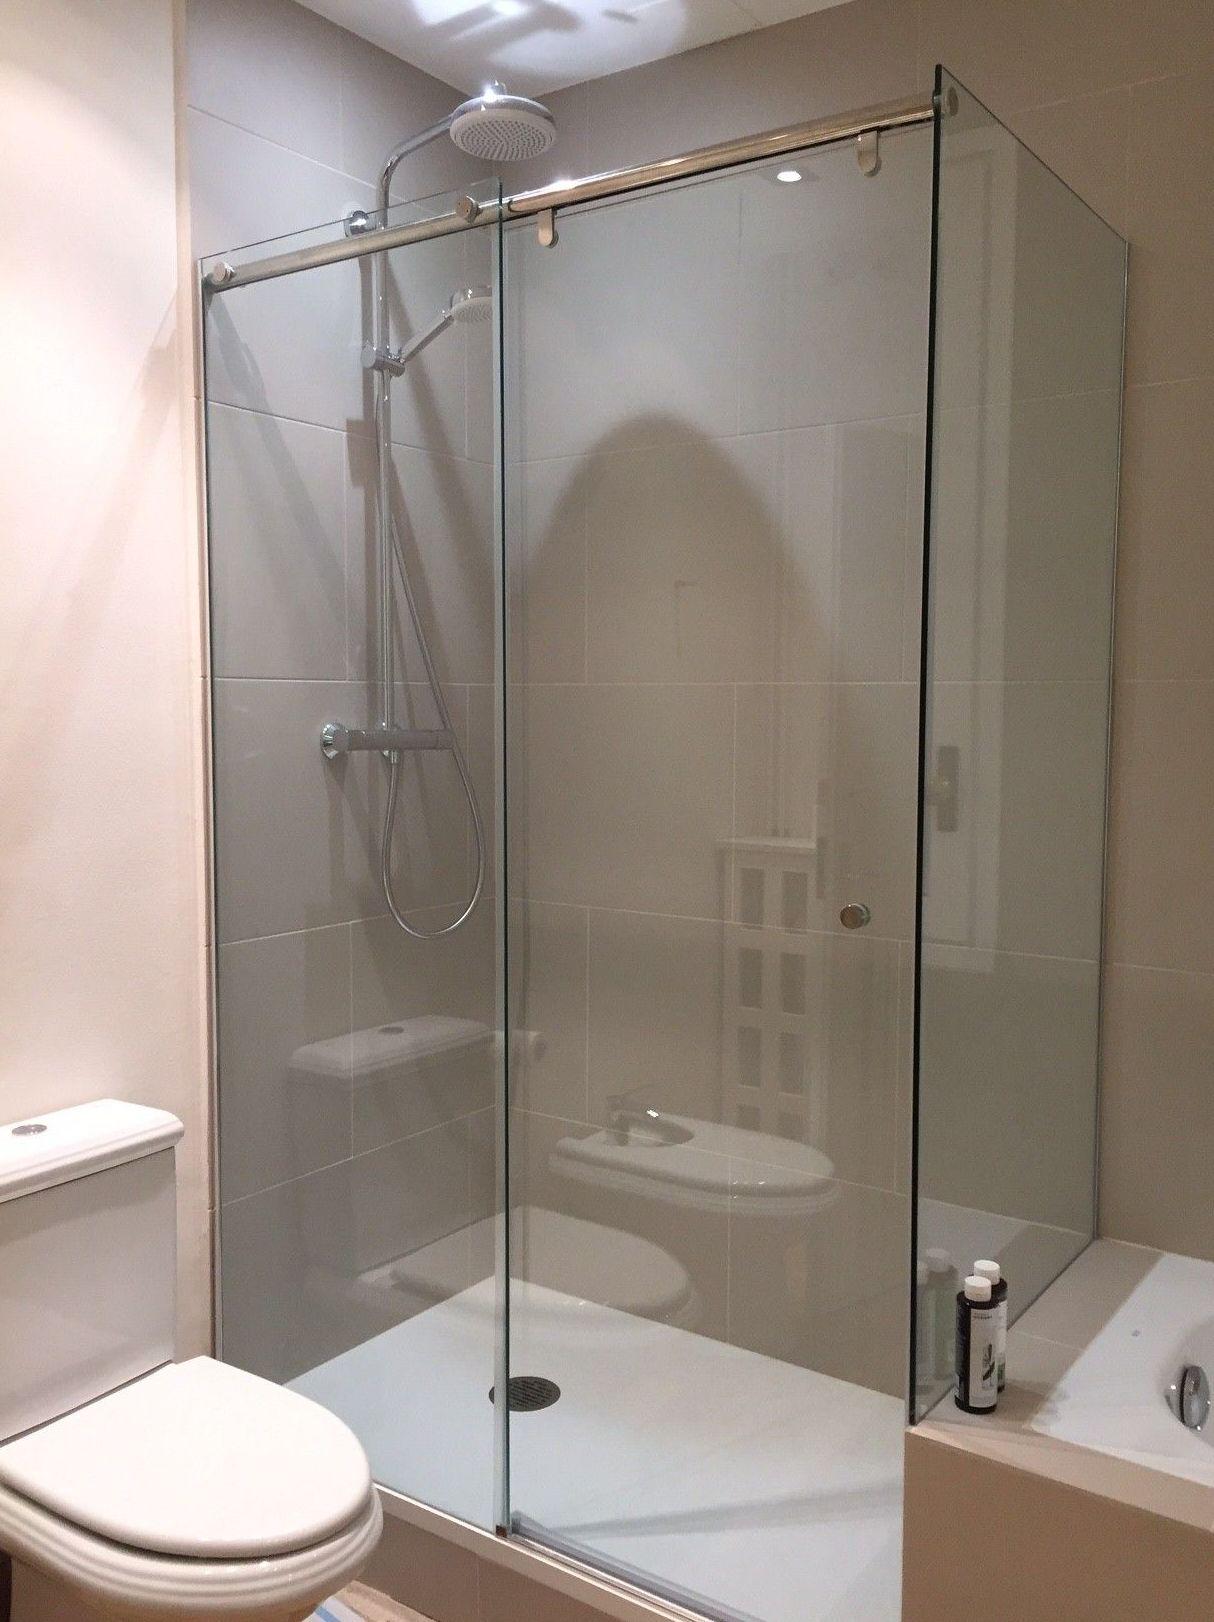 Mampara de ducha. Vidrio templado de 8 mm transparente